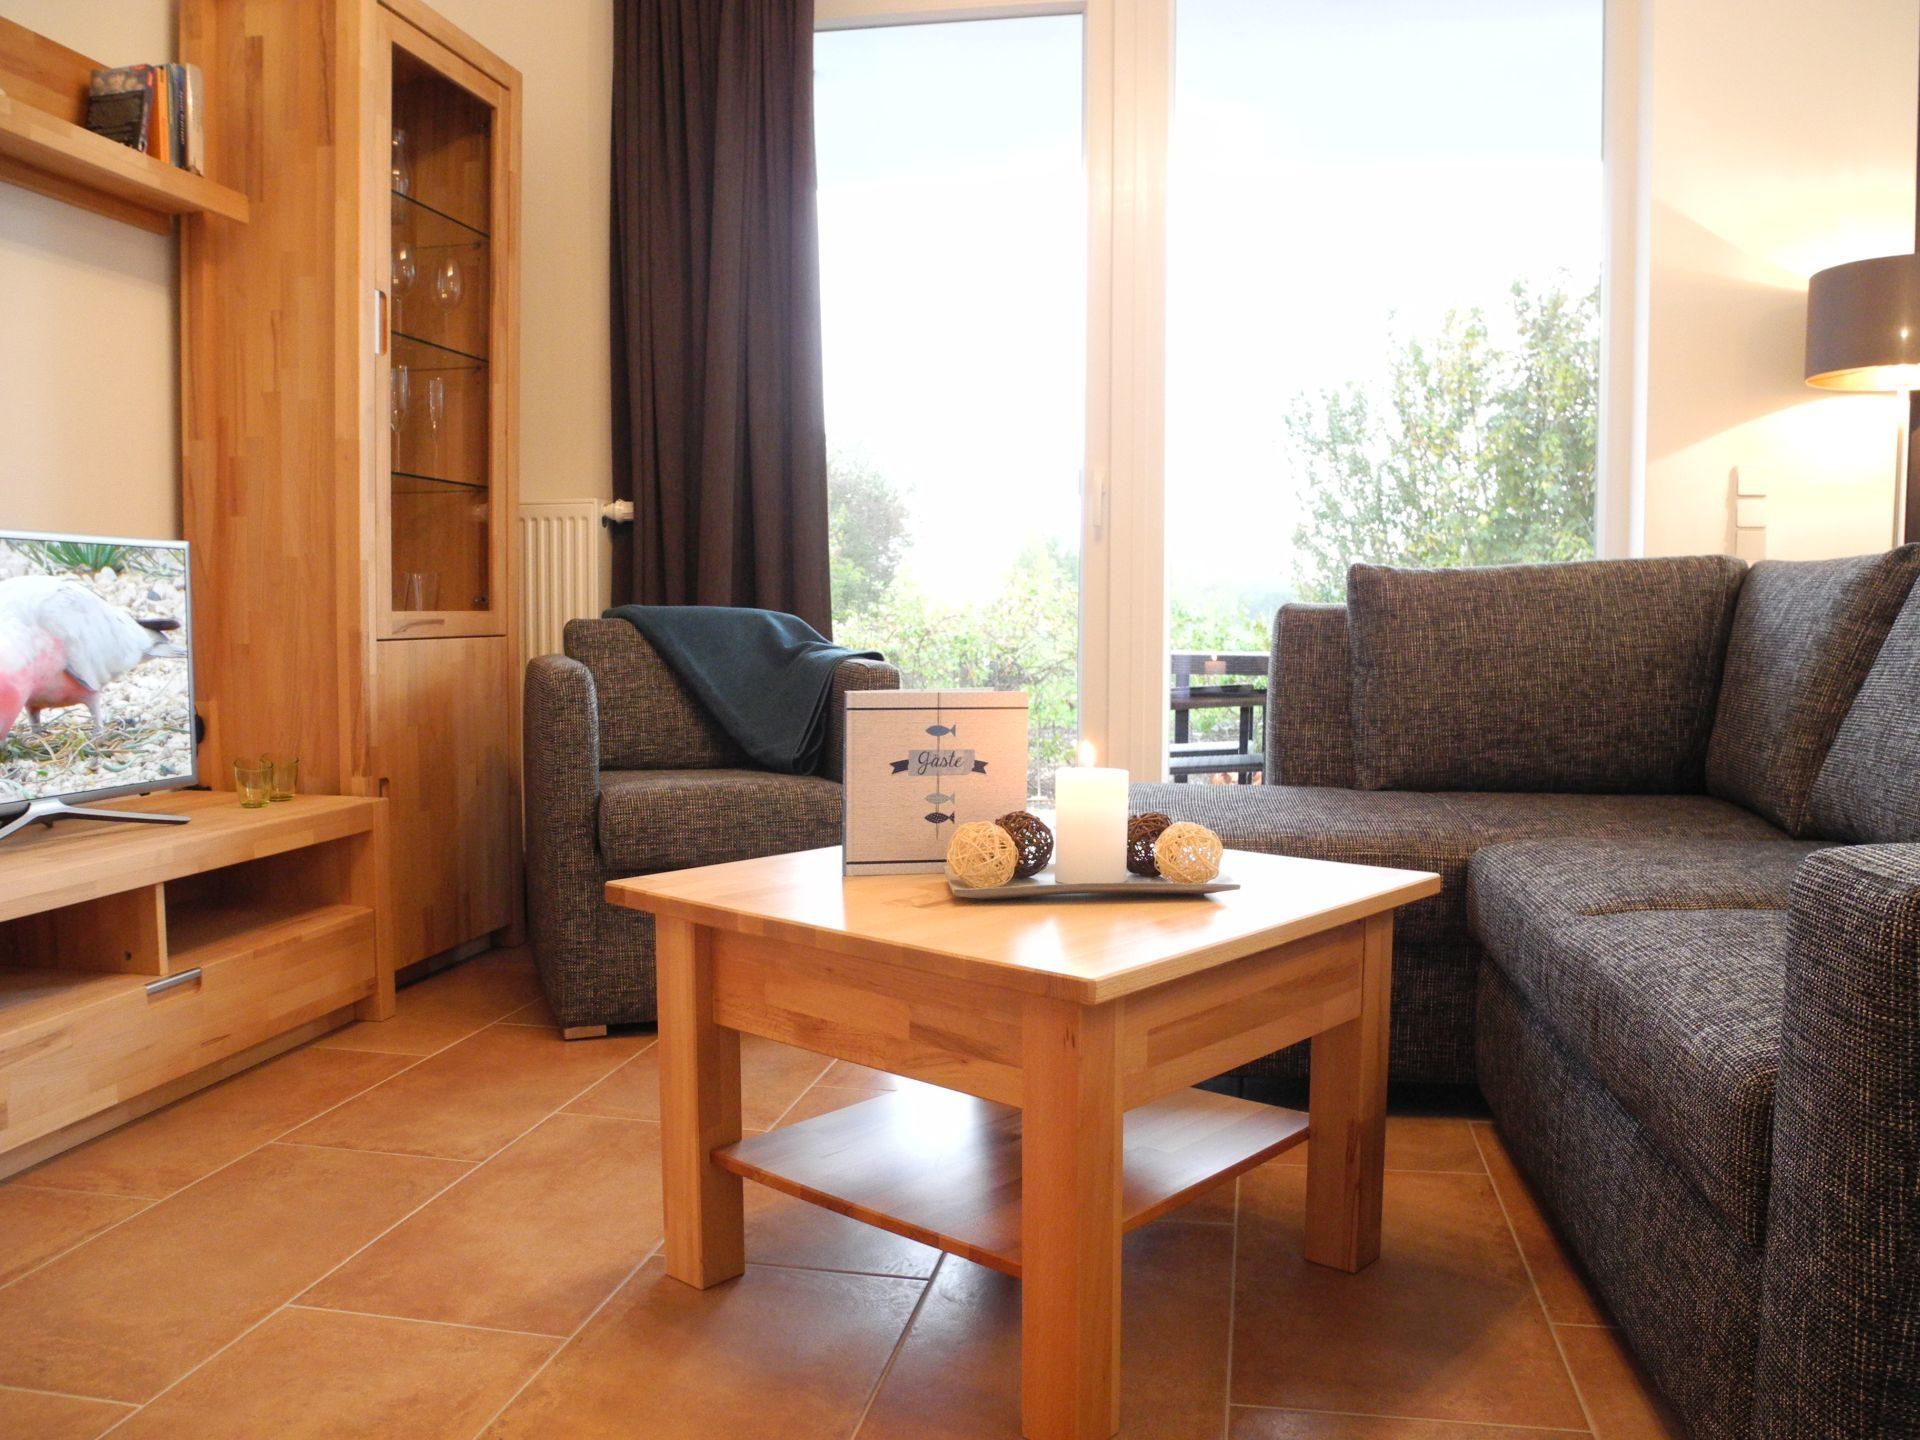 sitzecken wohnzimmer best sitzecke garten wohnzimmer drauen gestalten freshouse with sitzecken. Black Bedroom Furniture Sets. Home Design Ideas